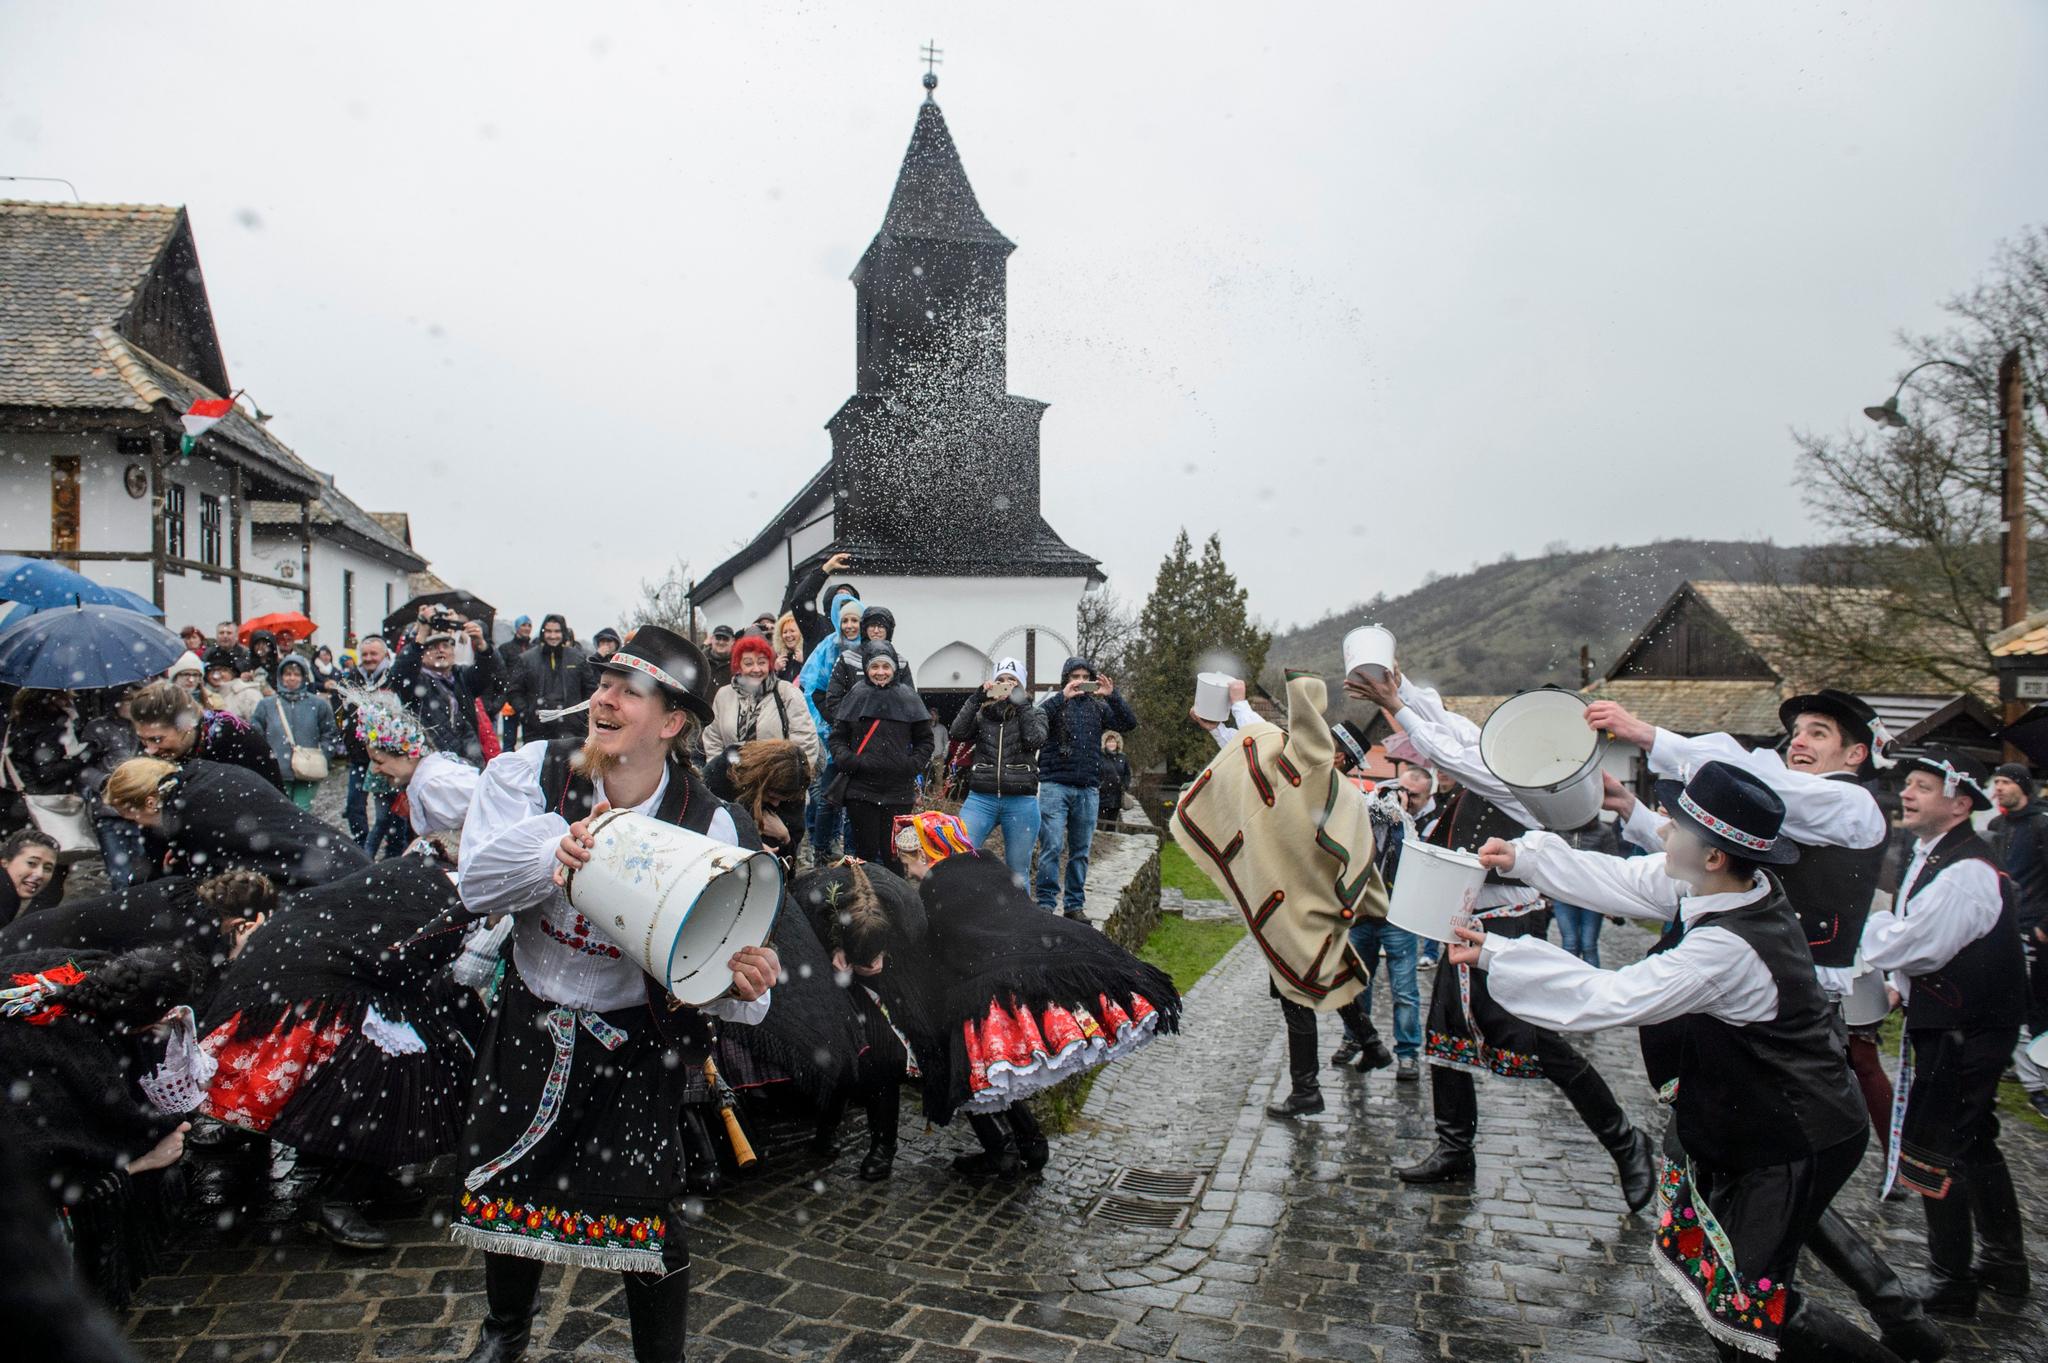 지난해 헝가리 호로쾨에서 전통의상을 입은 남자들이 양동이로 여자들에게 물을 뿌리고 있다. 홀로쾨는 유네스코 세계문화유산으로 지정된 마을이다. [AP=연합뉴스]